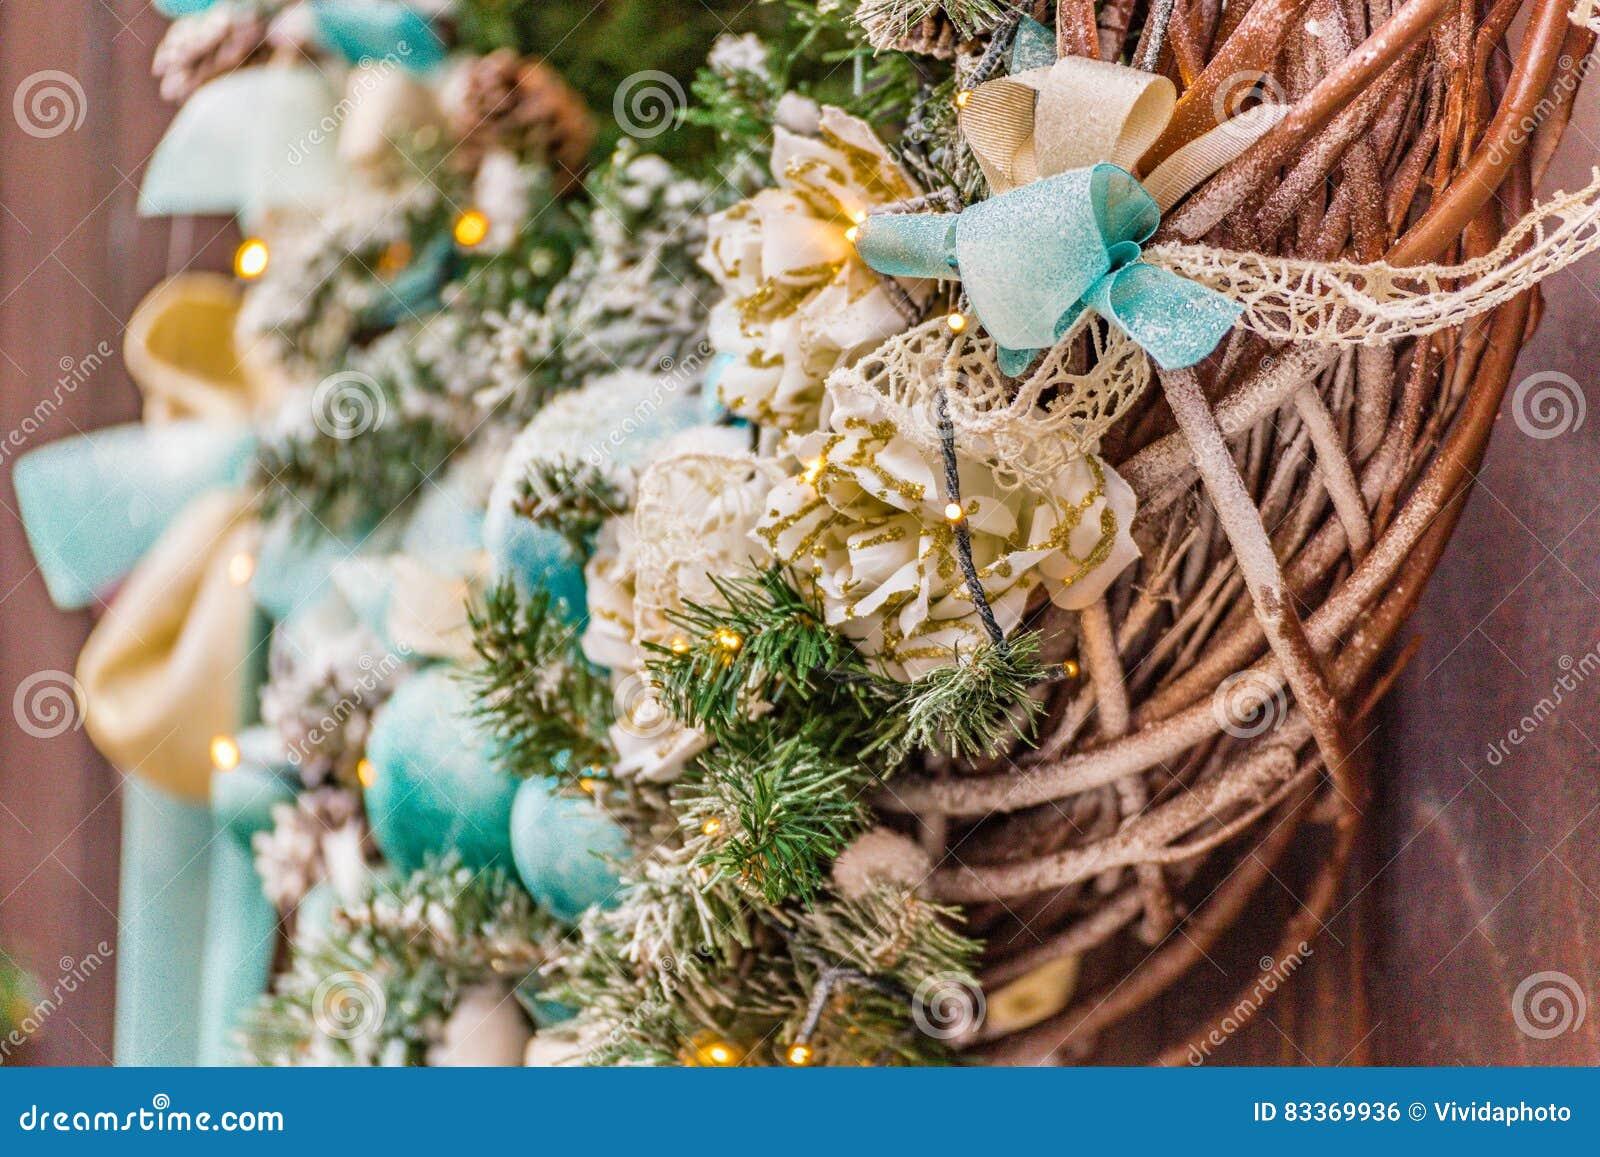 Decorações do Natal